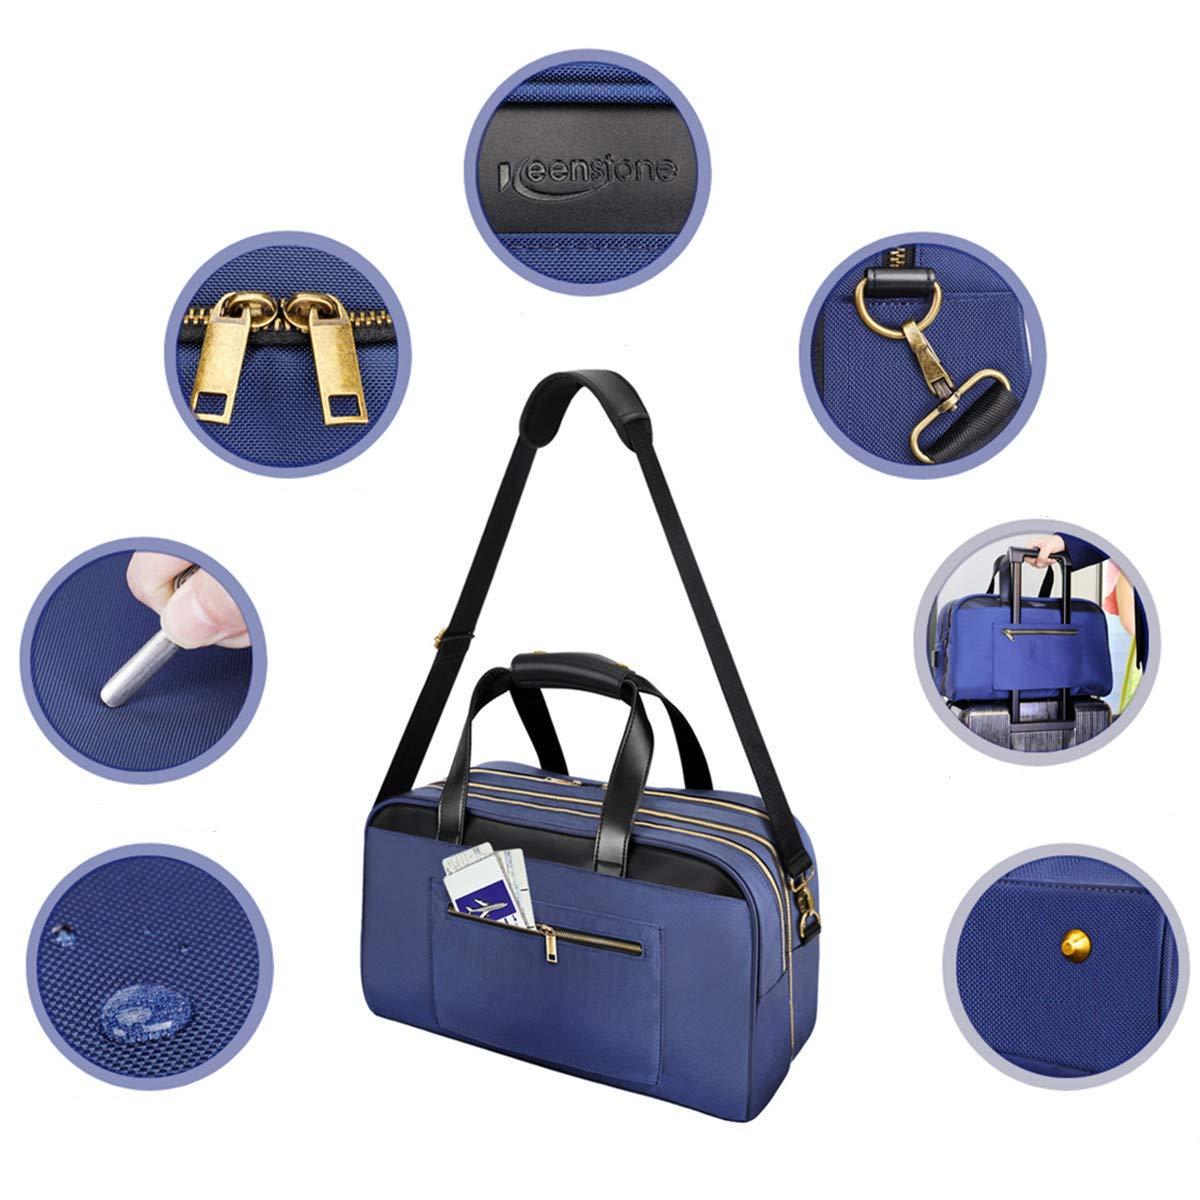 Keenstone Bolsa de viaje 35L a prueba de agua con USB bolsa de negocios viajero de viajes escolares viaje de negocios compatible con PC (Azul)